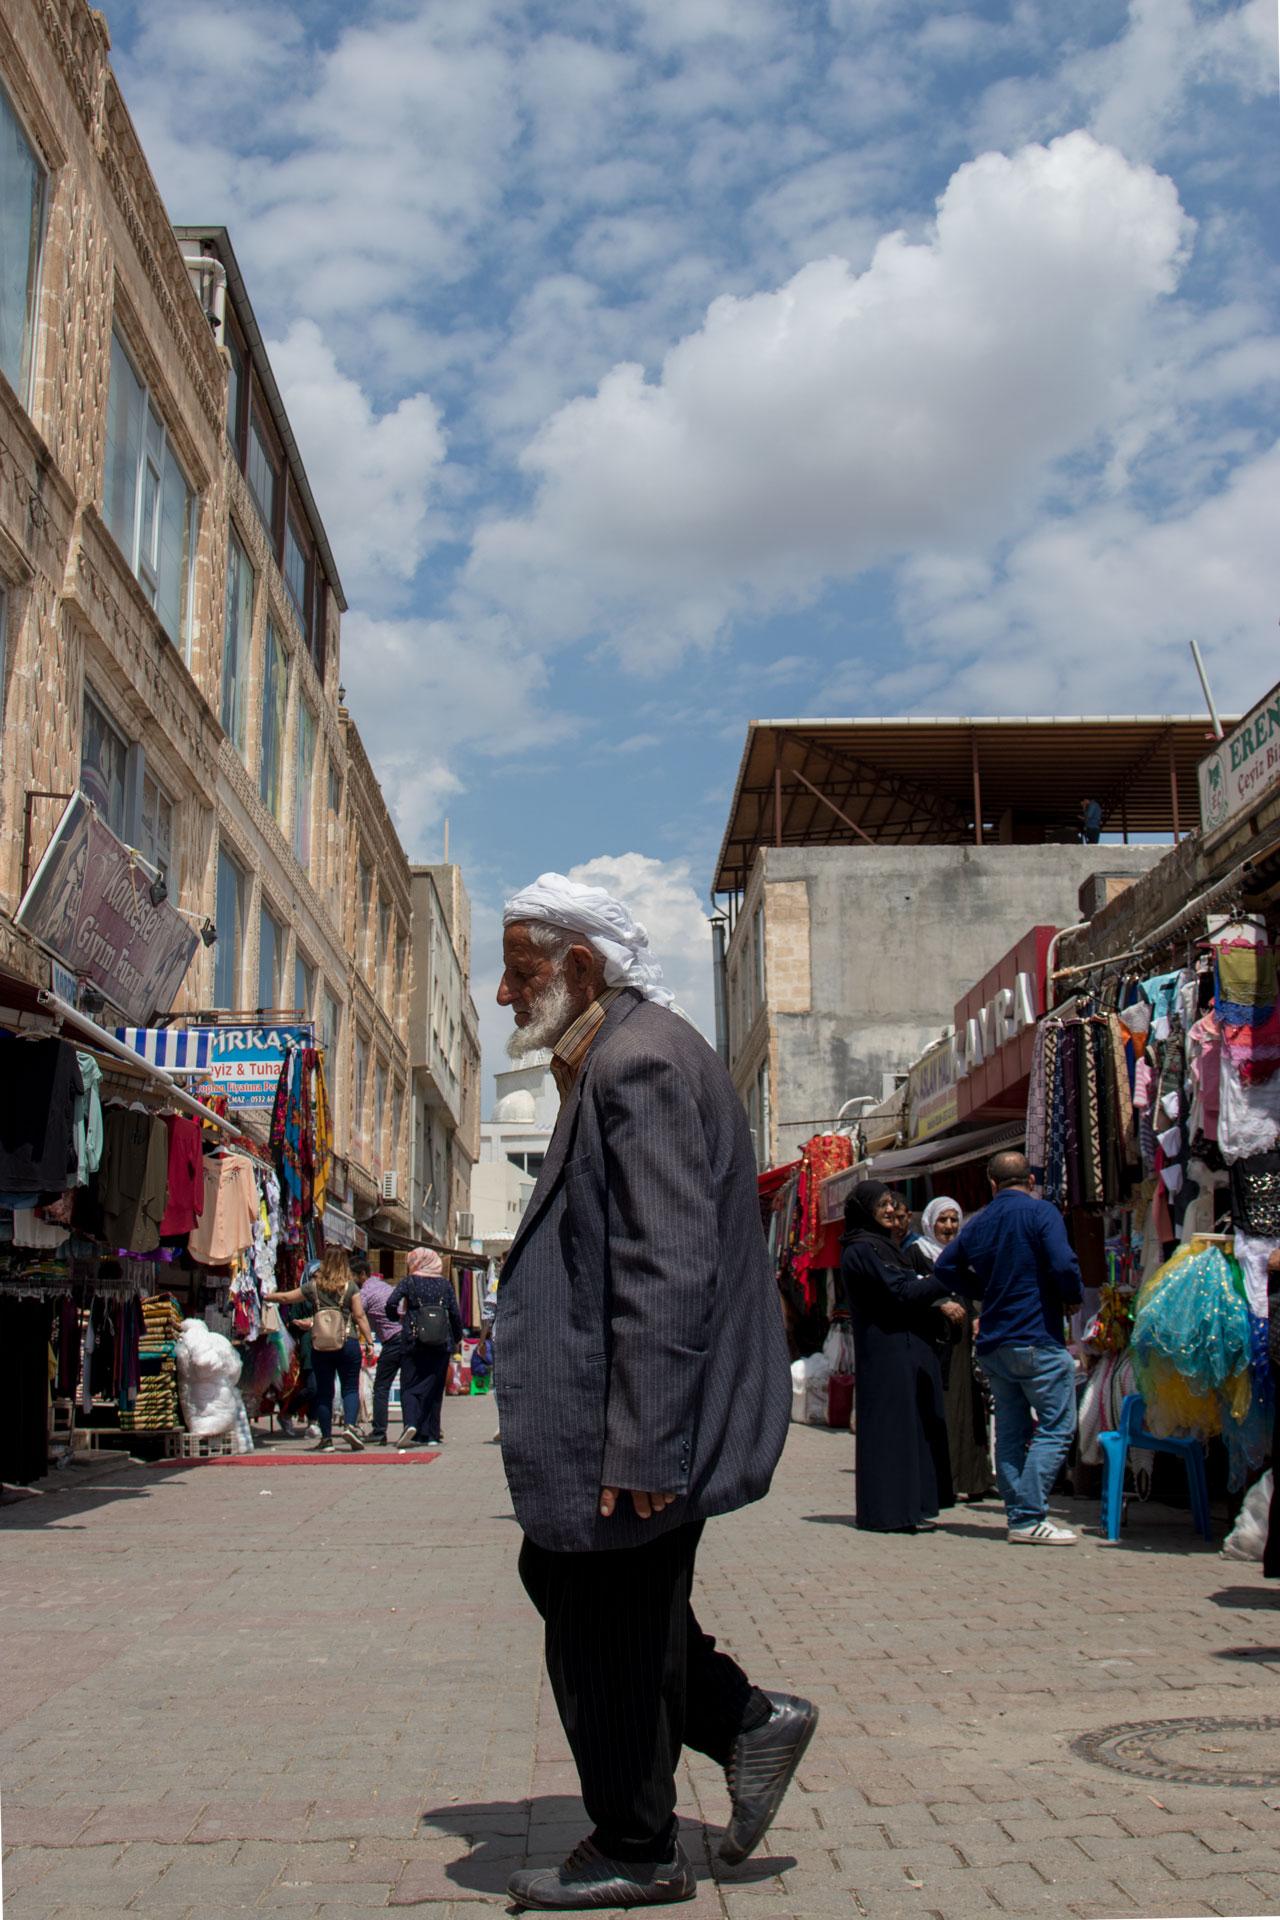 Midyat Fotoğrafları Mardin Türkiye Gezgin Fotoğrafçı Çekergezer Hakan Aydın www.cekergezer.com www.hakanaydın.com.tr